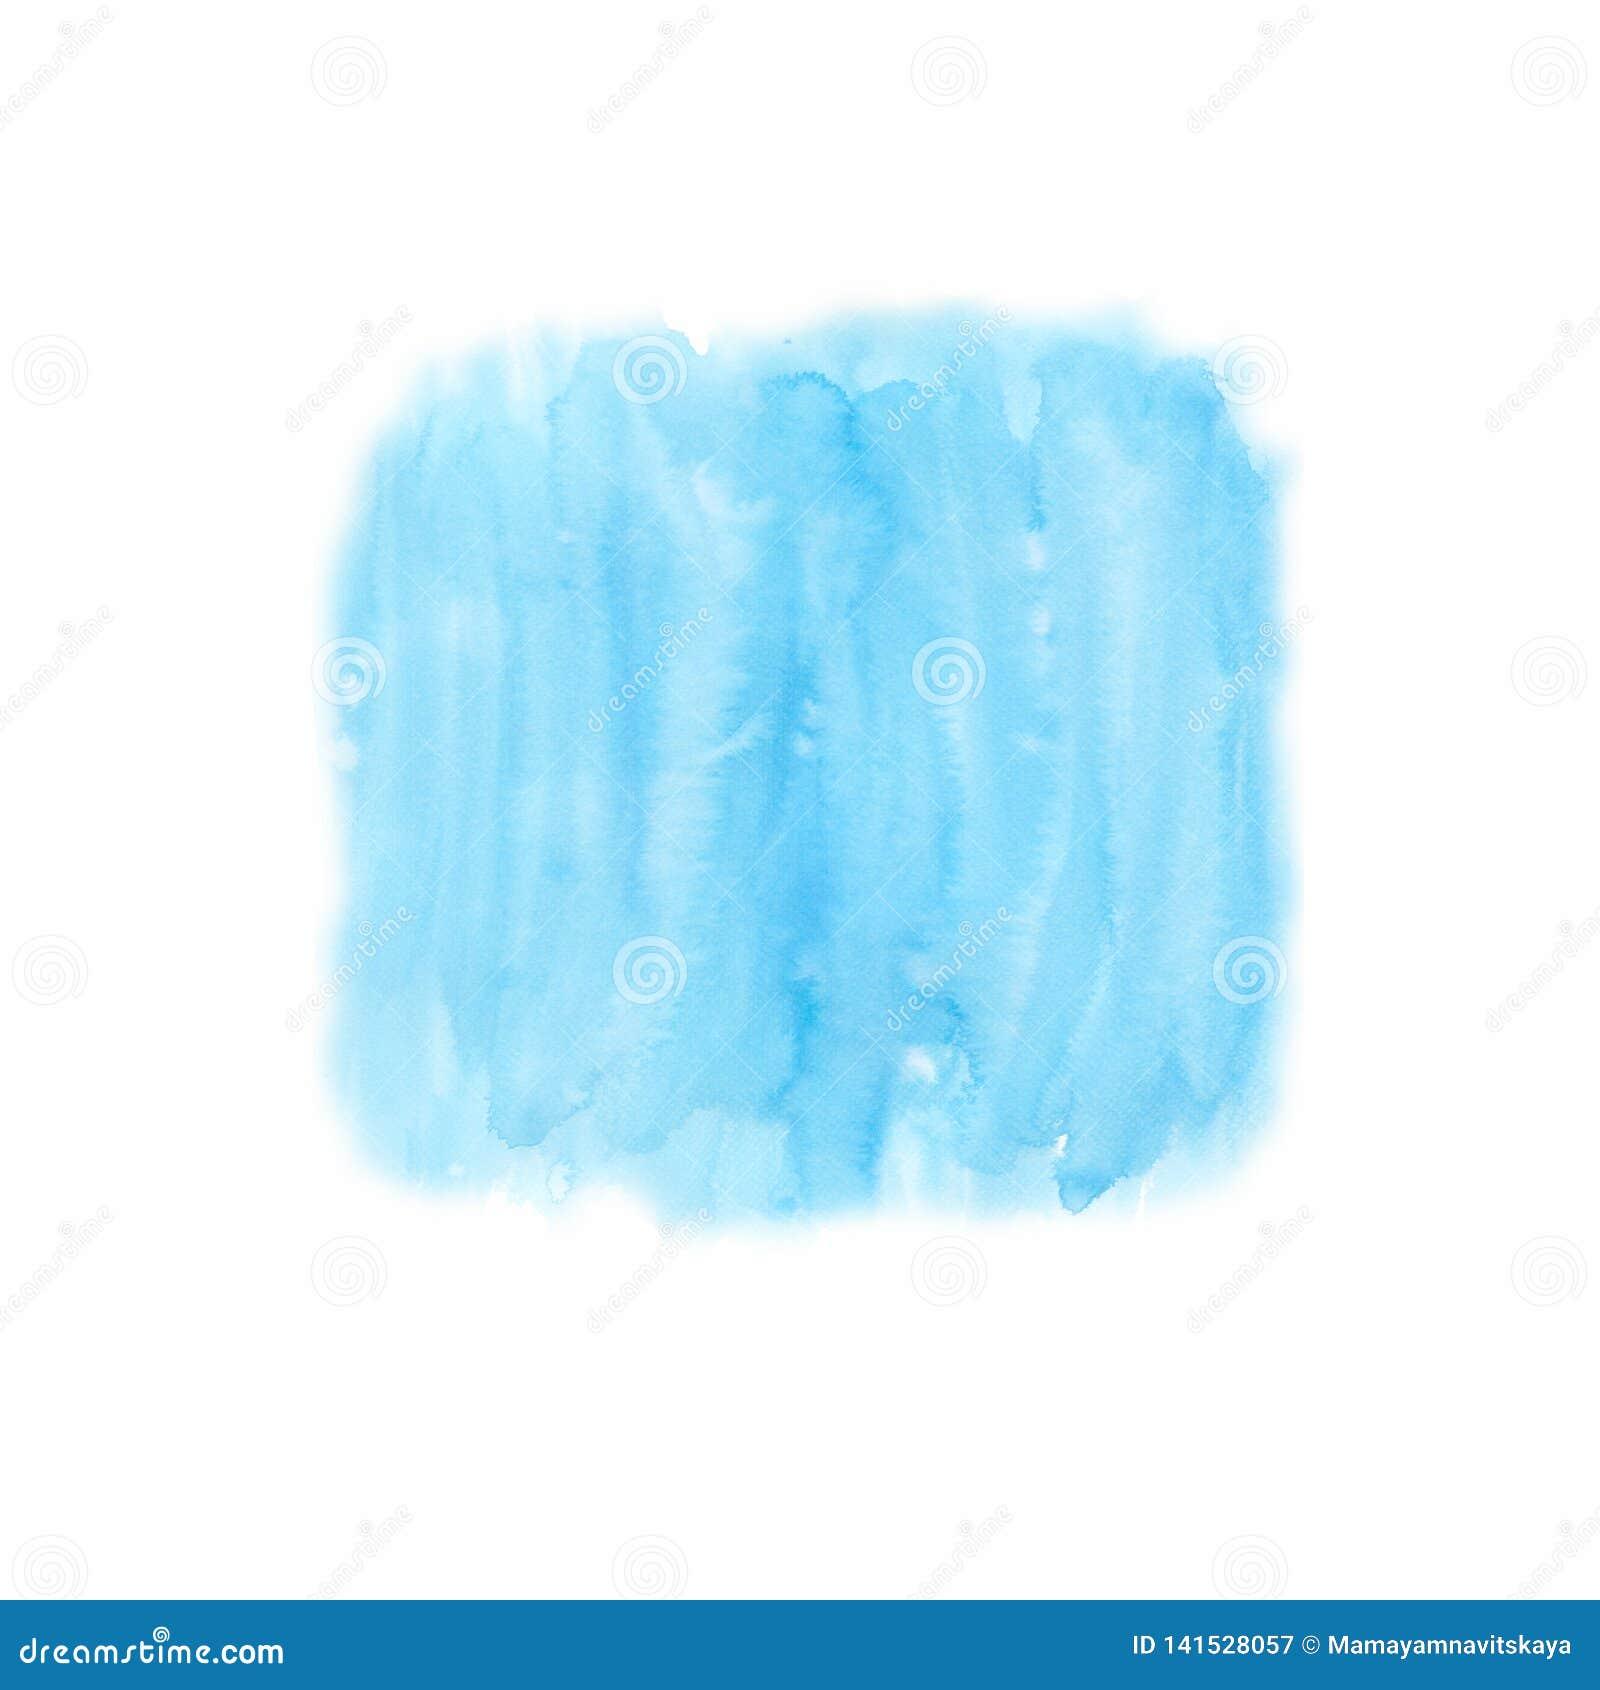 天蓝色纹理和背景的水彩背景 湿的背景 蓝色 手画水彩背景 水彩